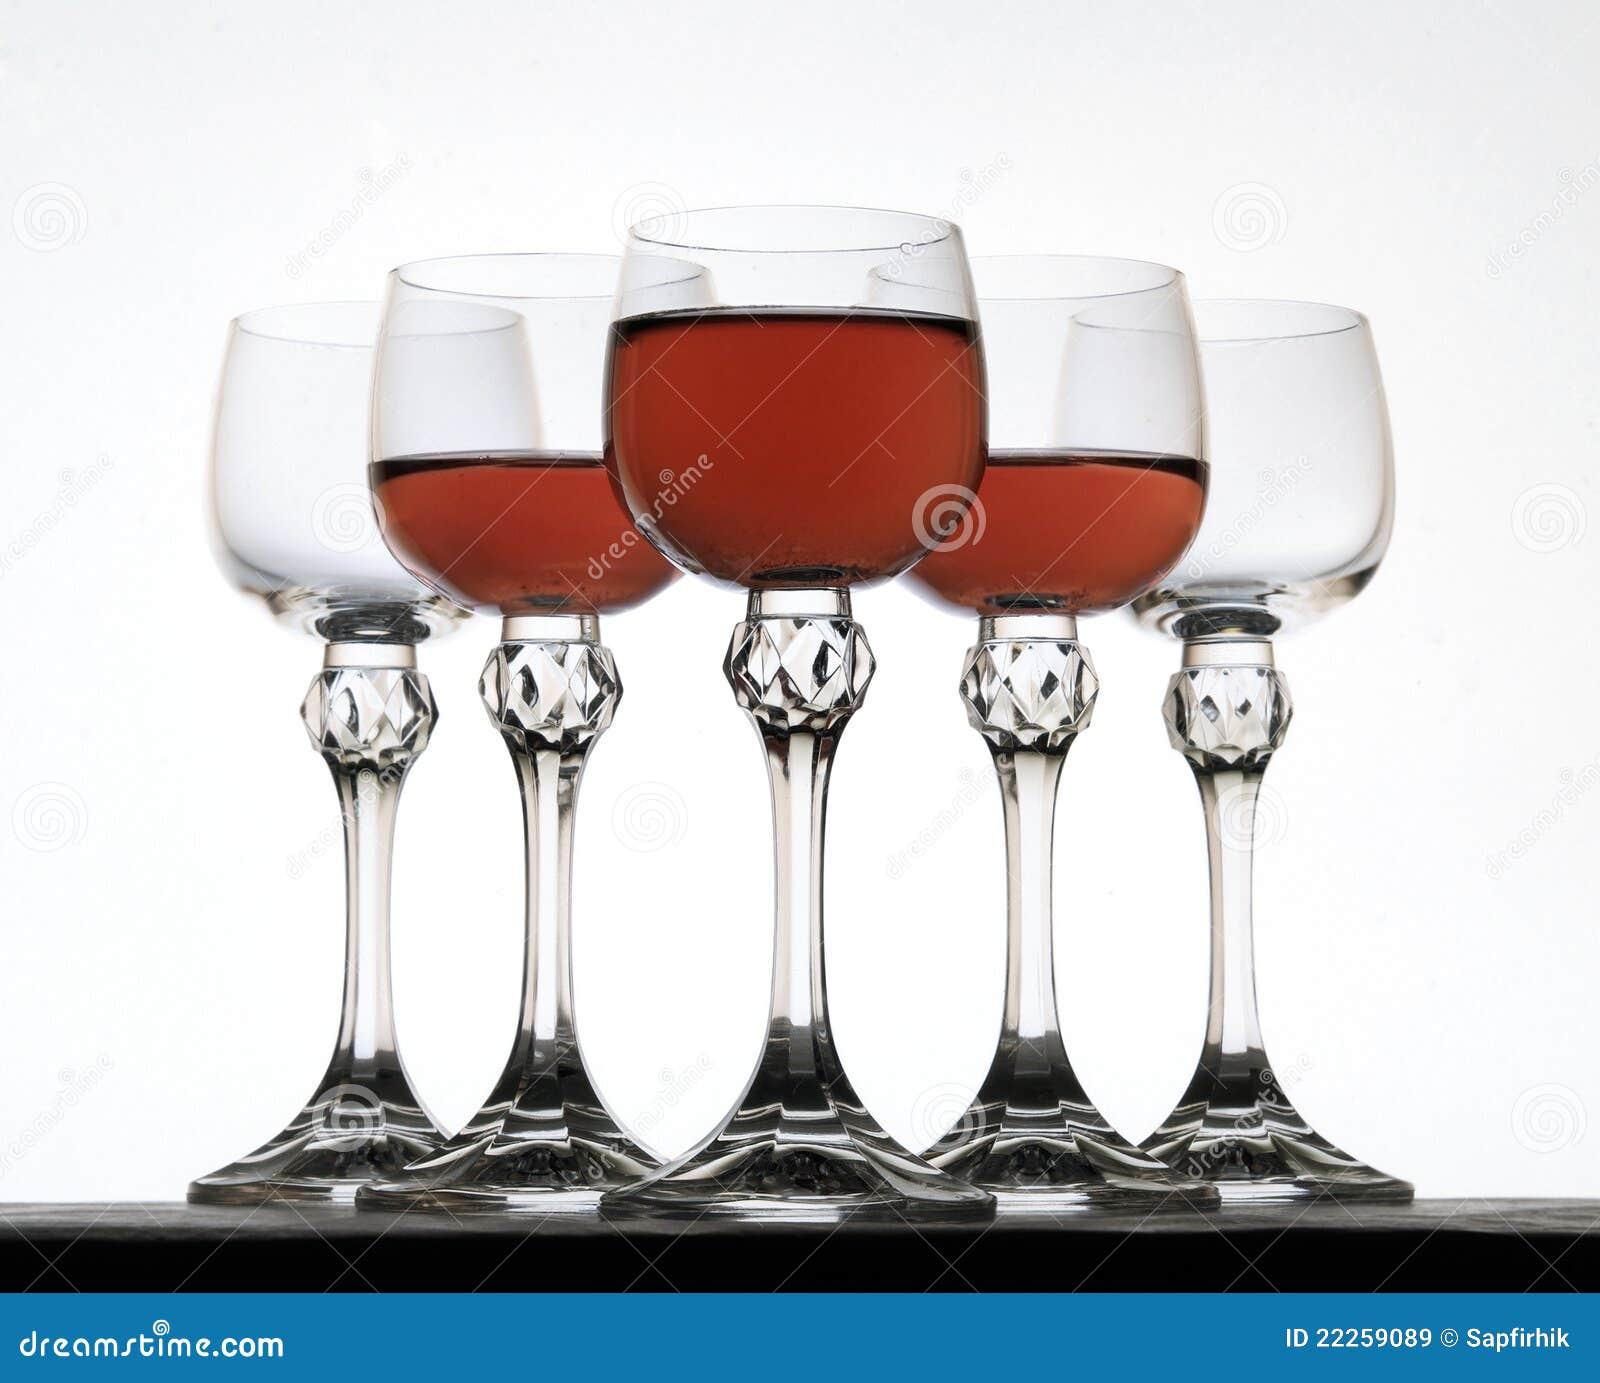 glace avec le vin rouge images libres de droits image 22259089. Black Bedroom Furniture Sets. Home Design Ideas